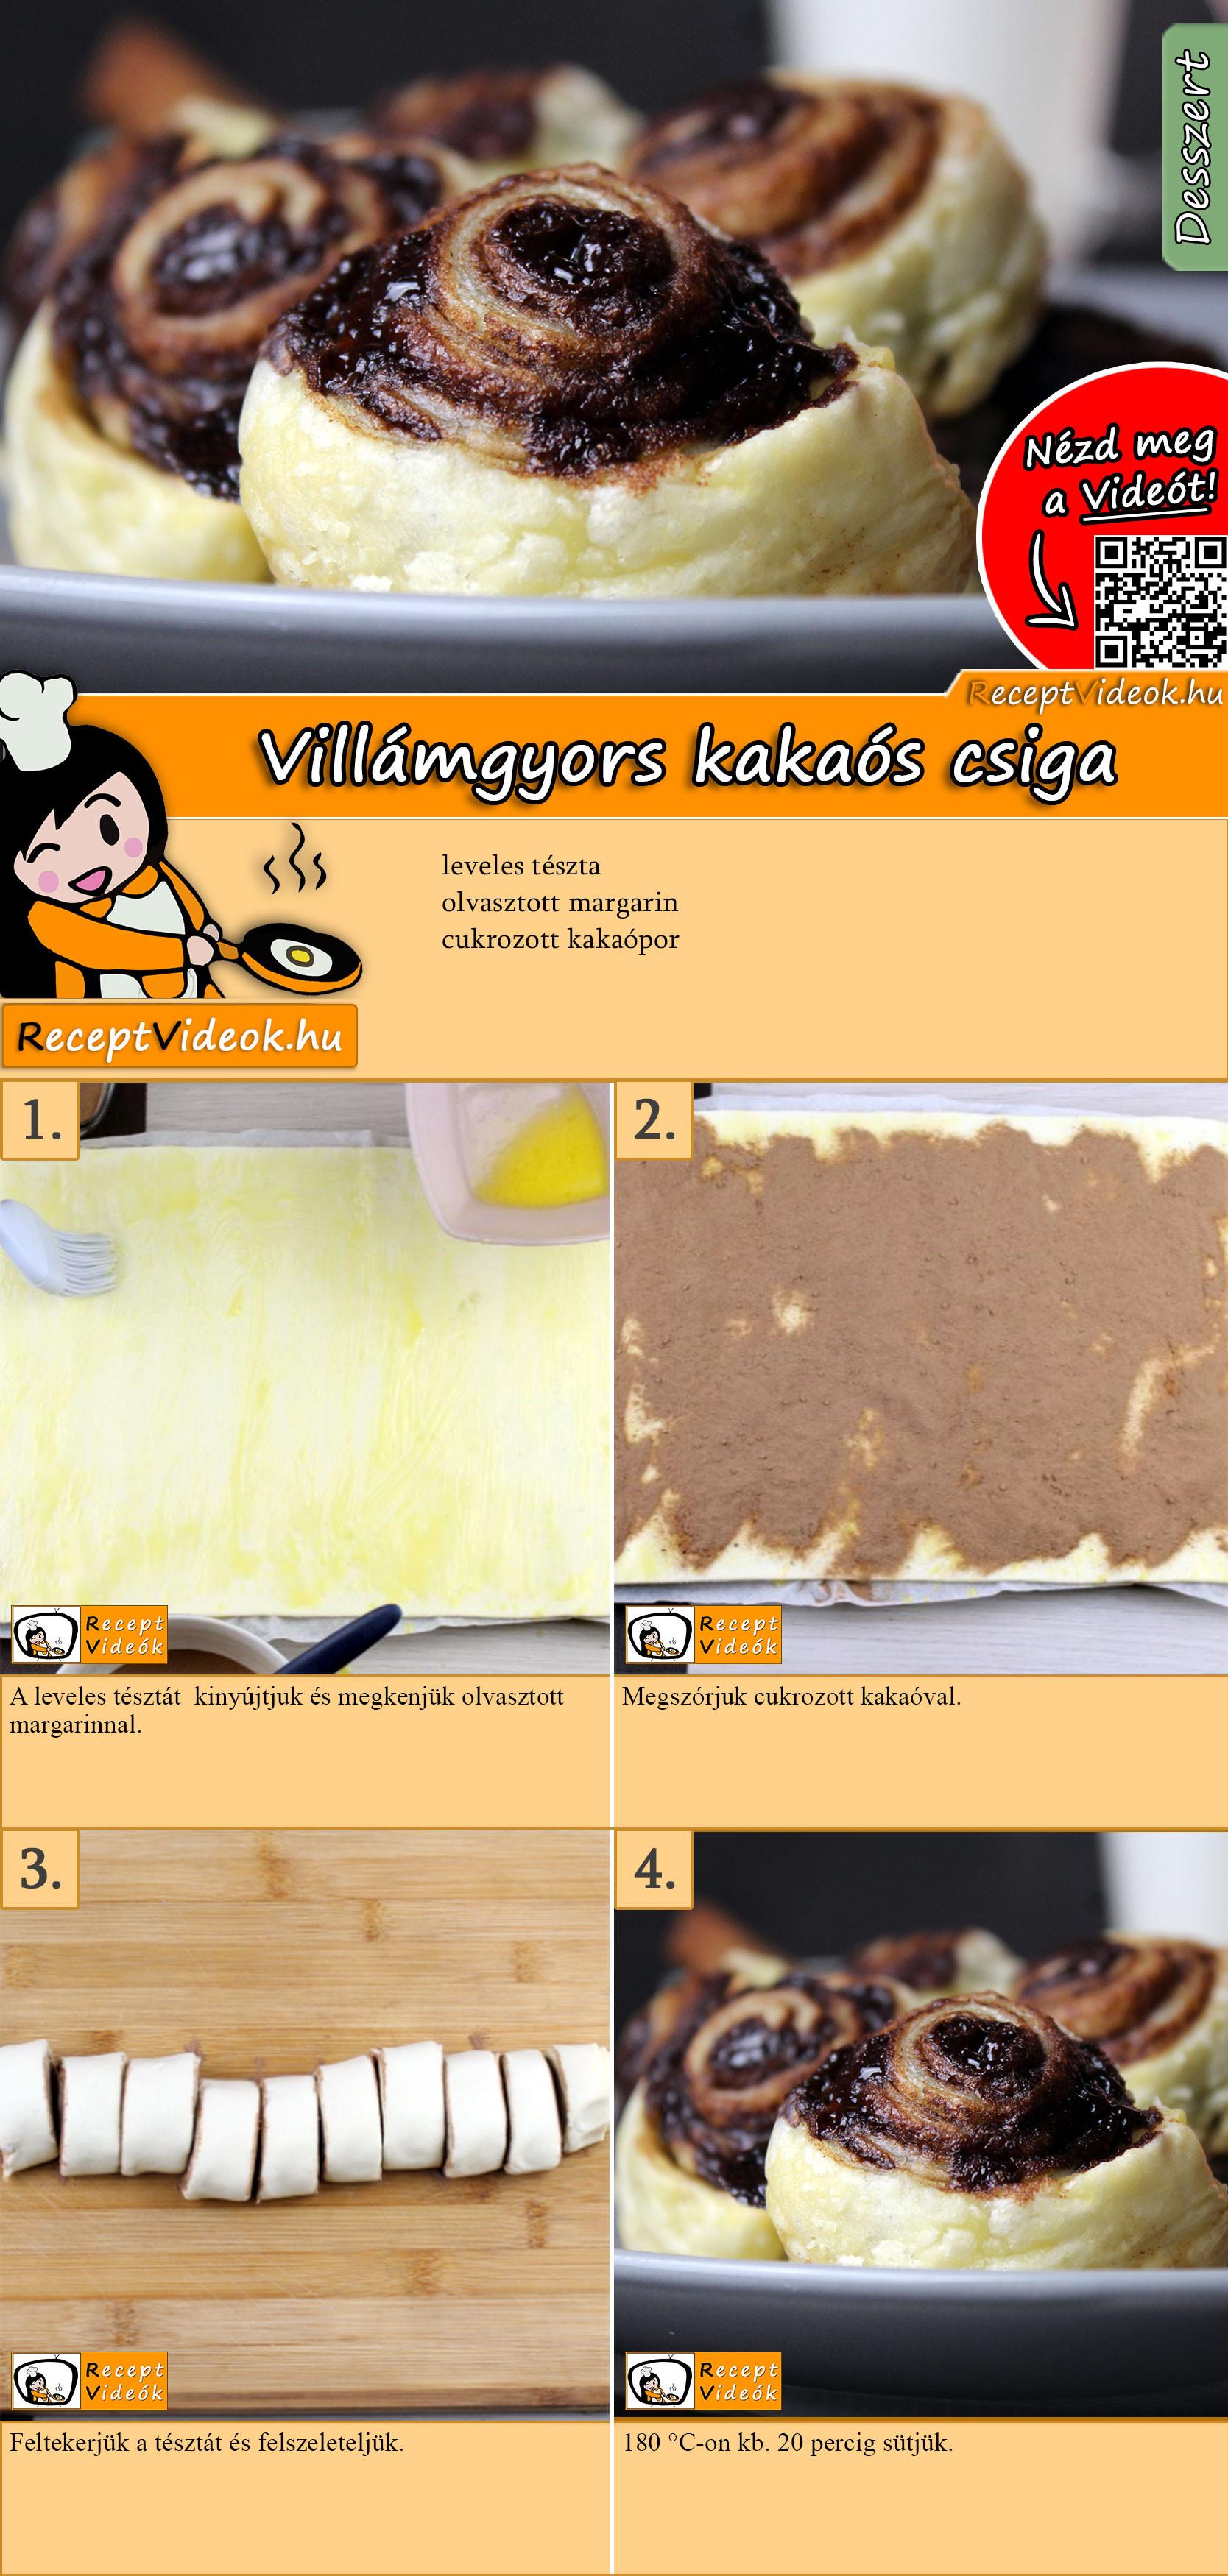 Villámgyors kakaós csiga recept elkészítése videóval